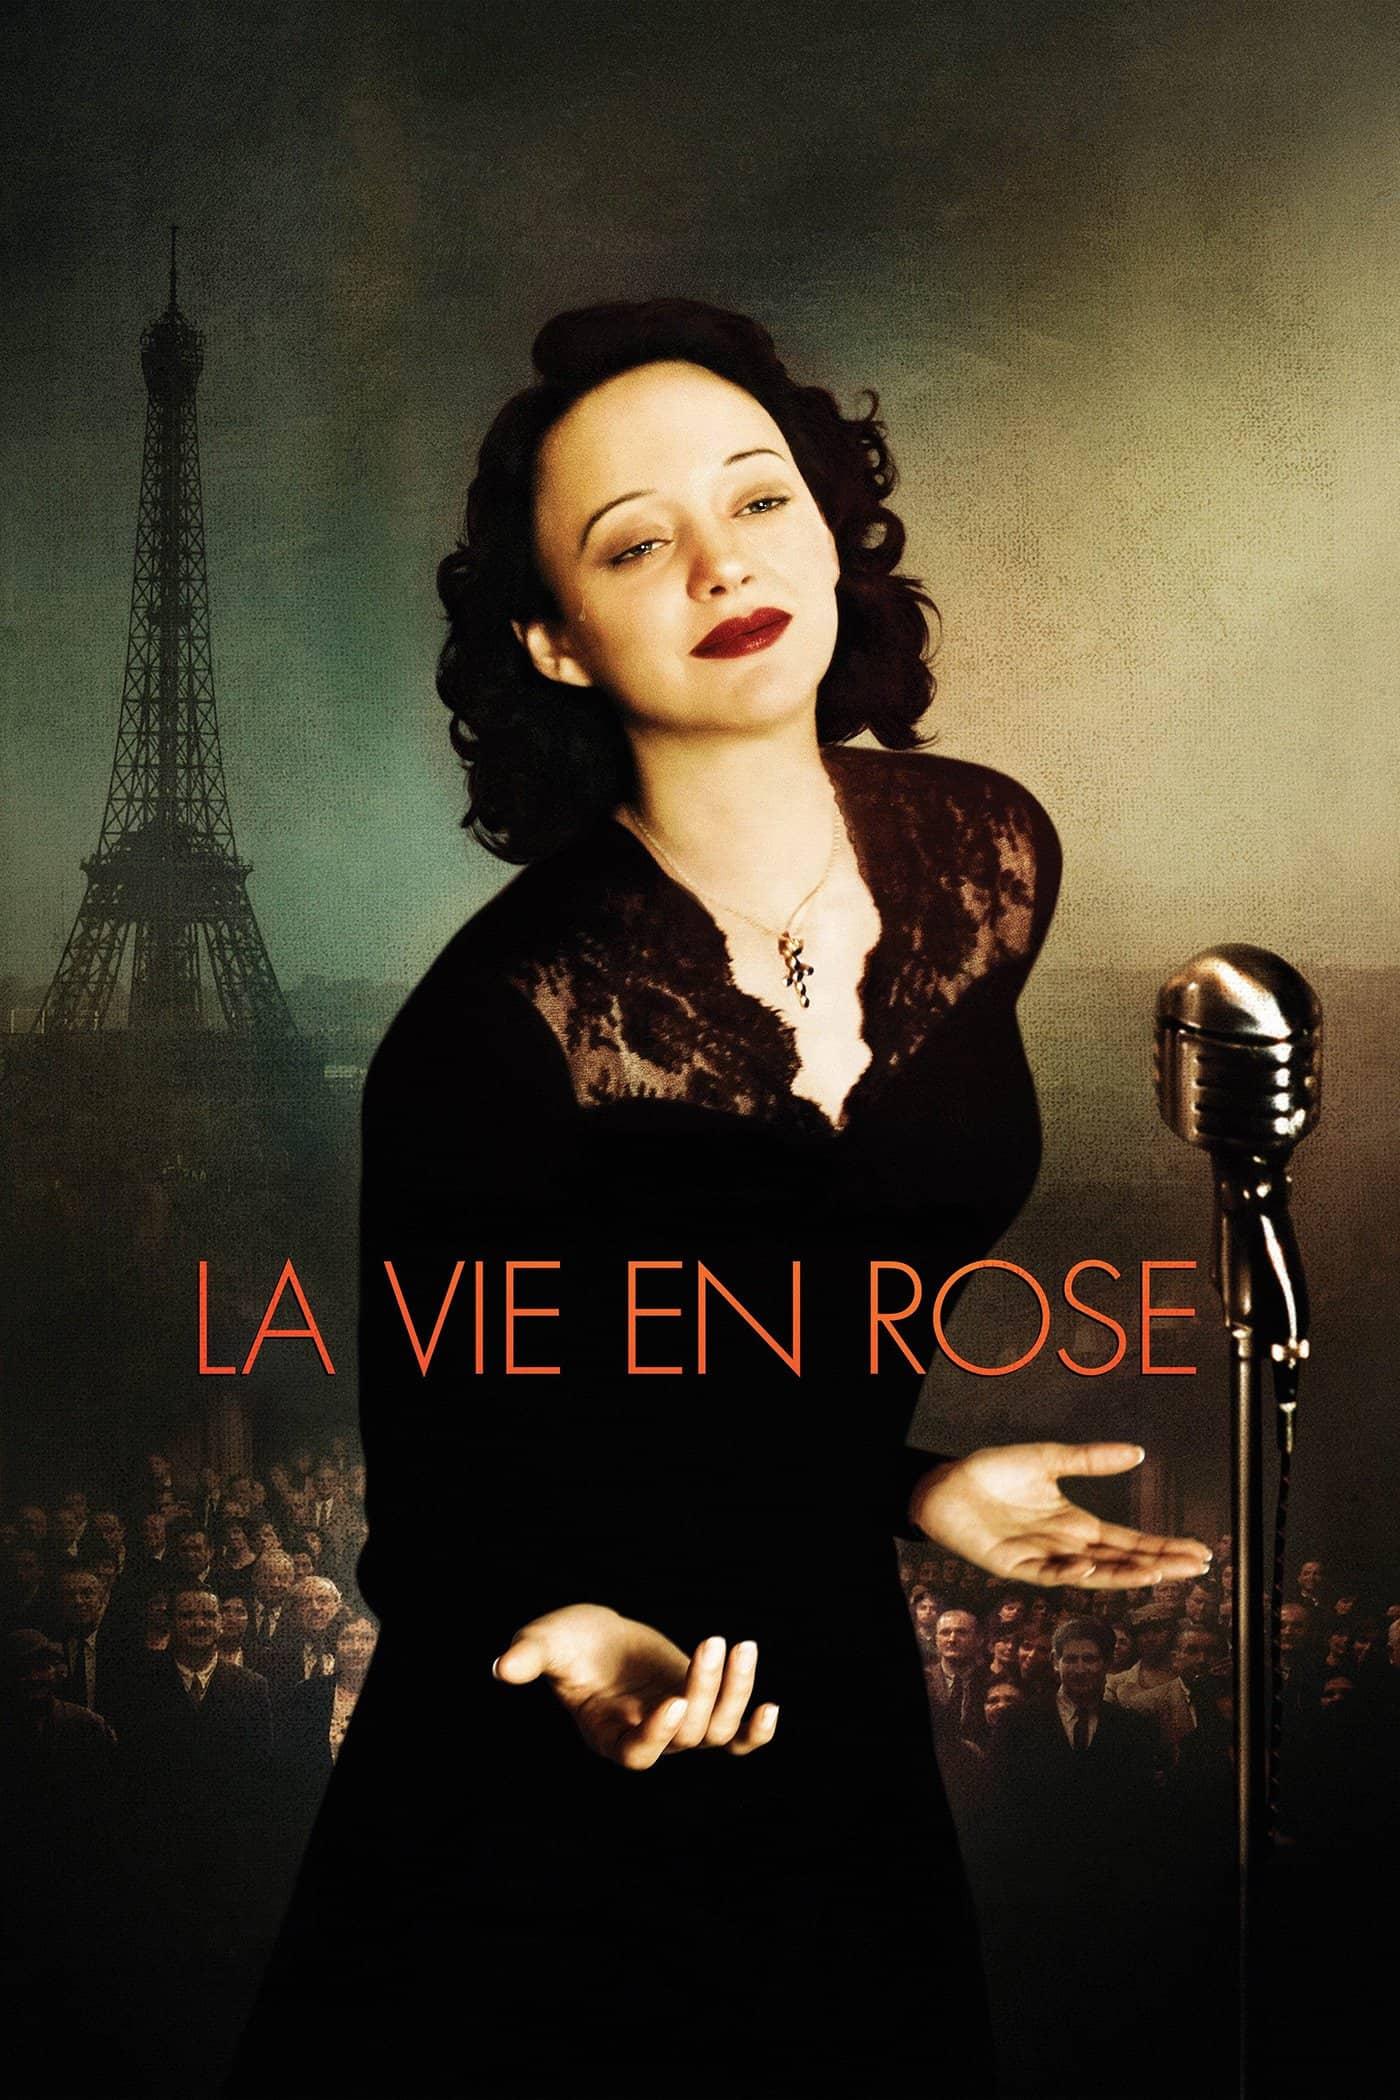 La Vie en rose, 2007